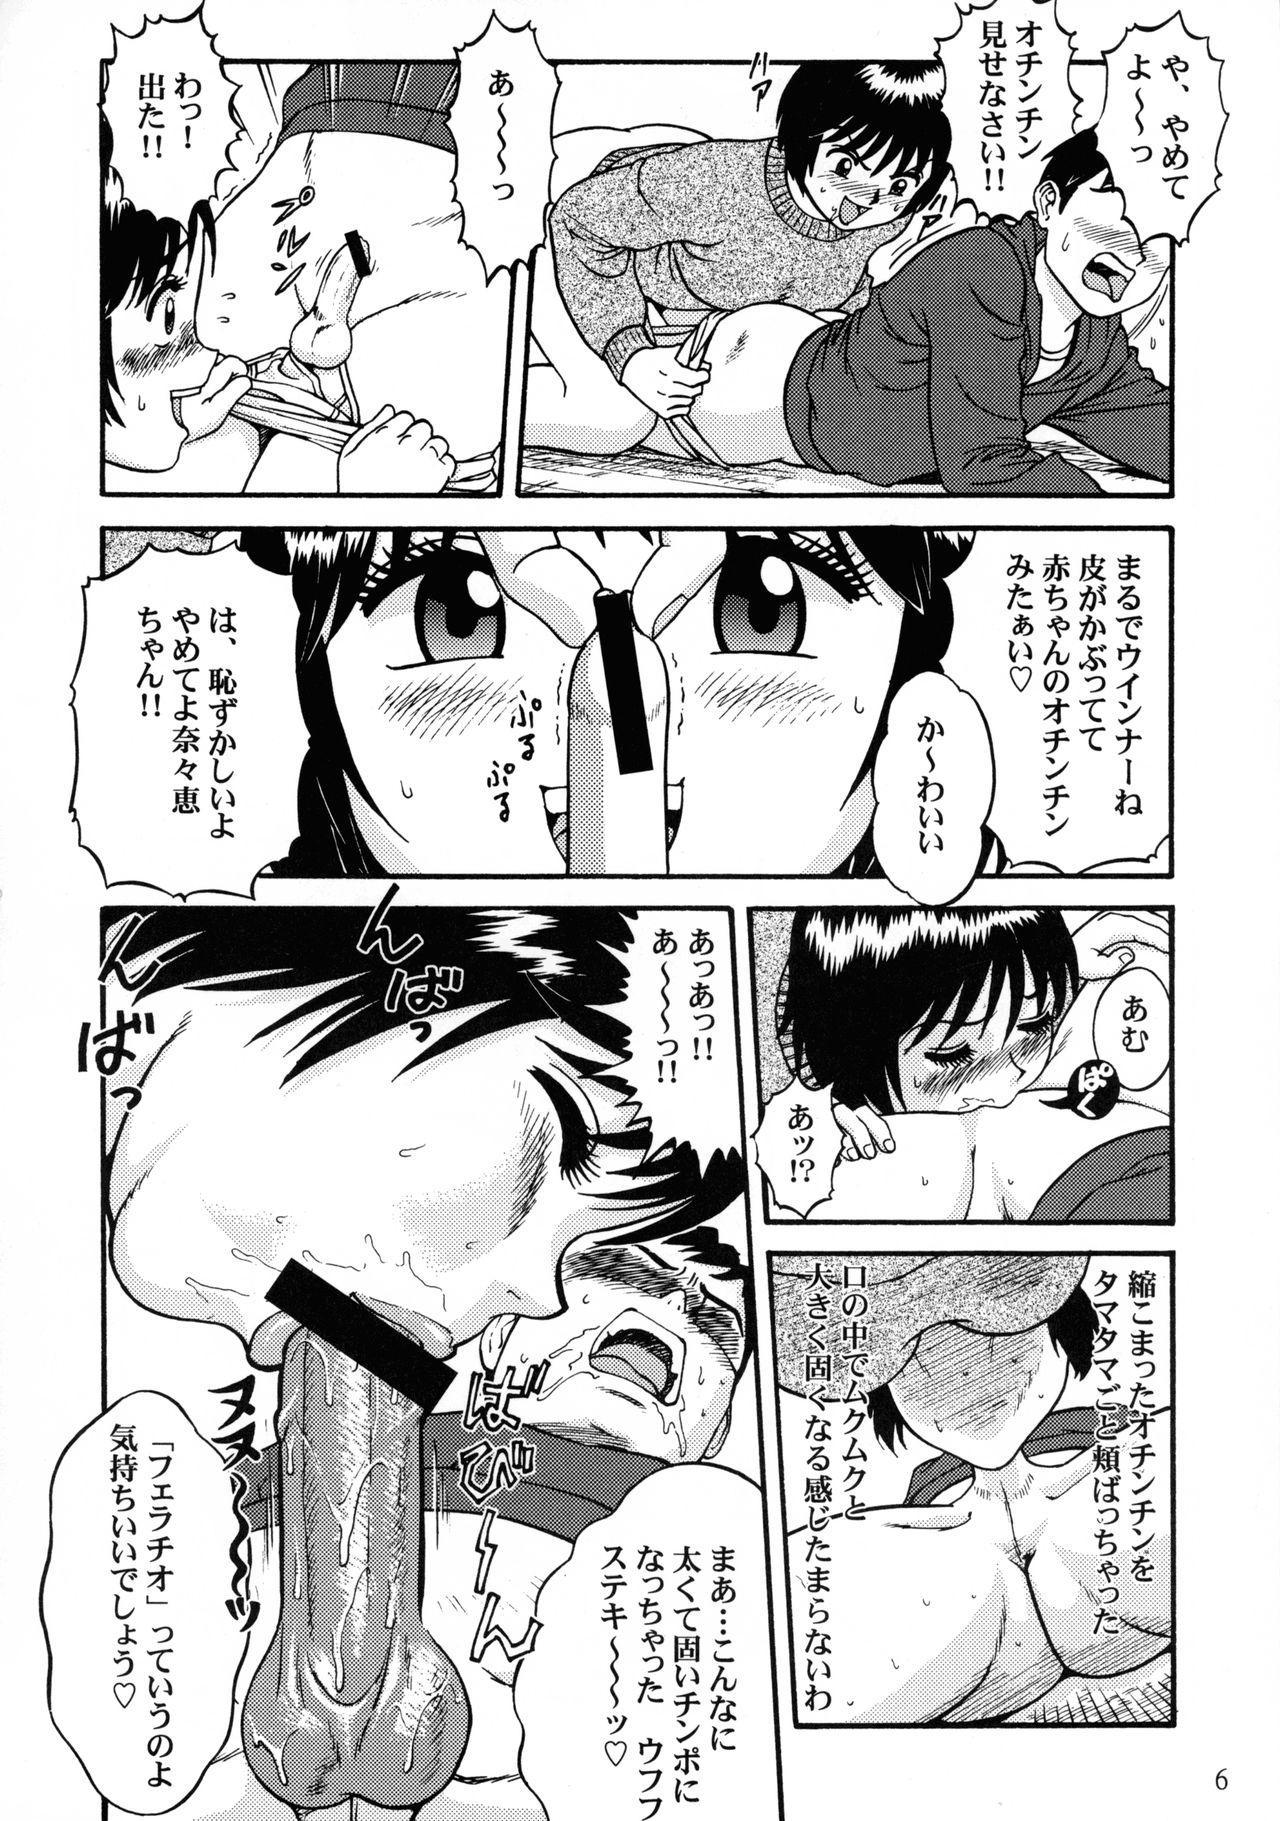 Chichi Dantou Daigokan 7